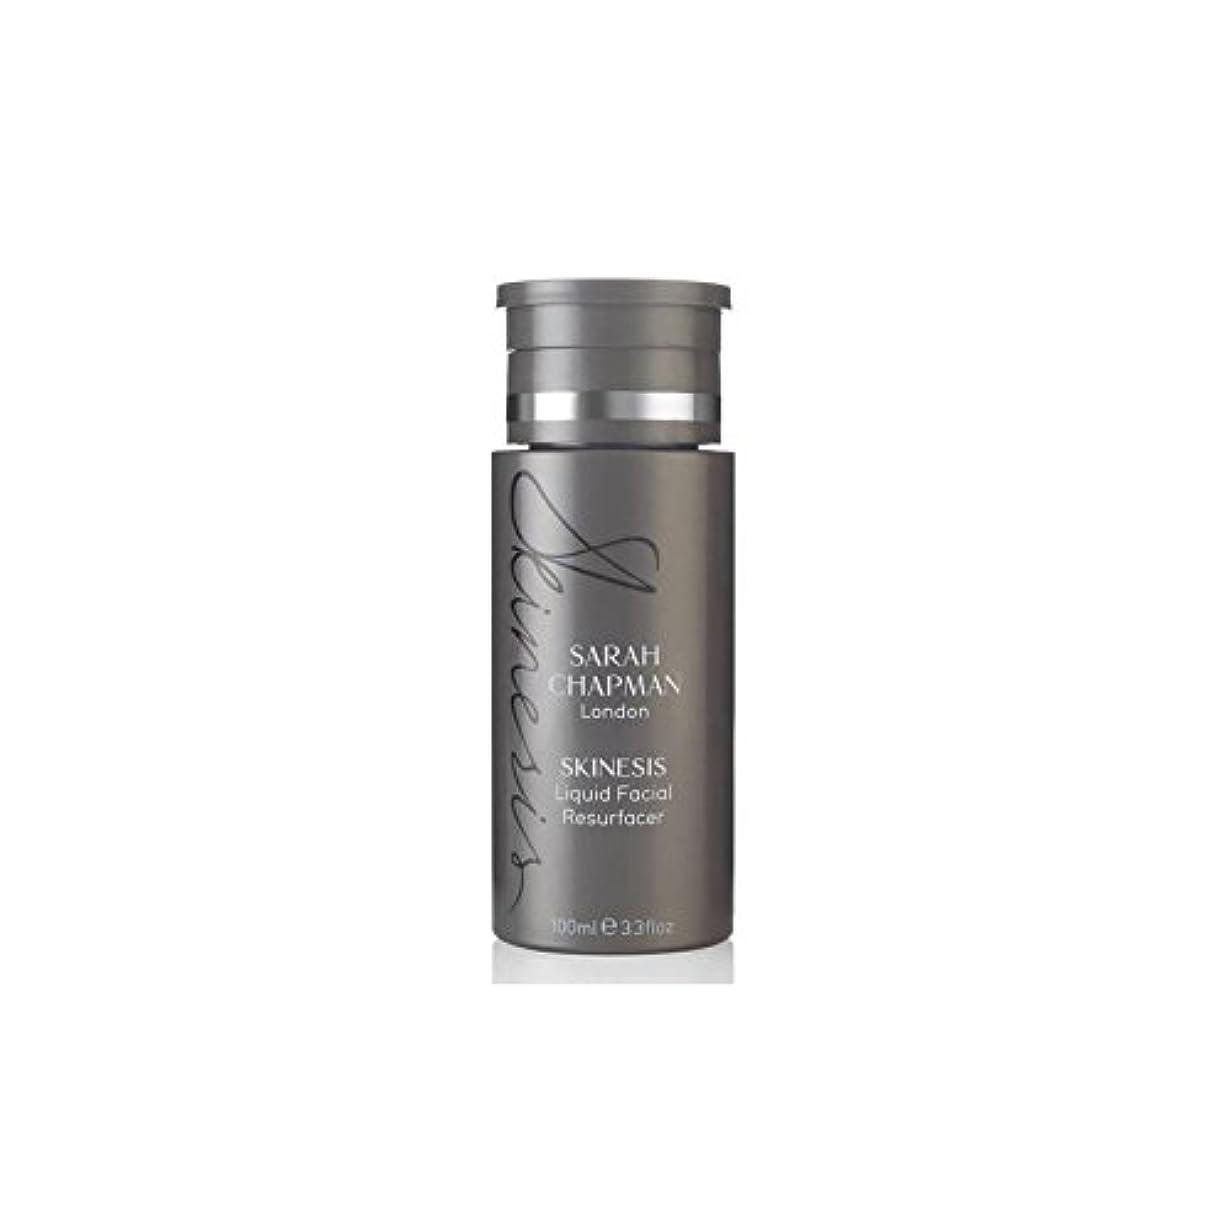 ポジション剪断深めるサラチャップマン液体顔(100)に x4 - Sarah Chapman Skinesis Liquid Facial Resurfacer (100ml) (Pack of 4) [並行輸入品]